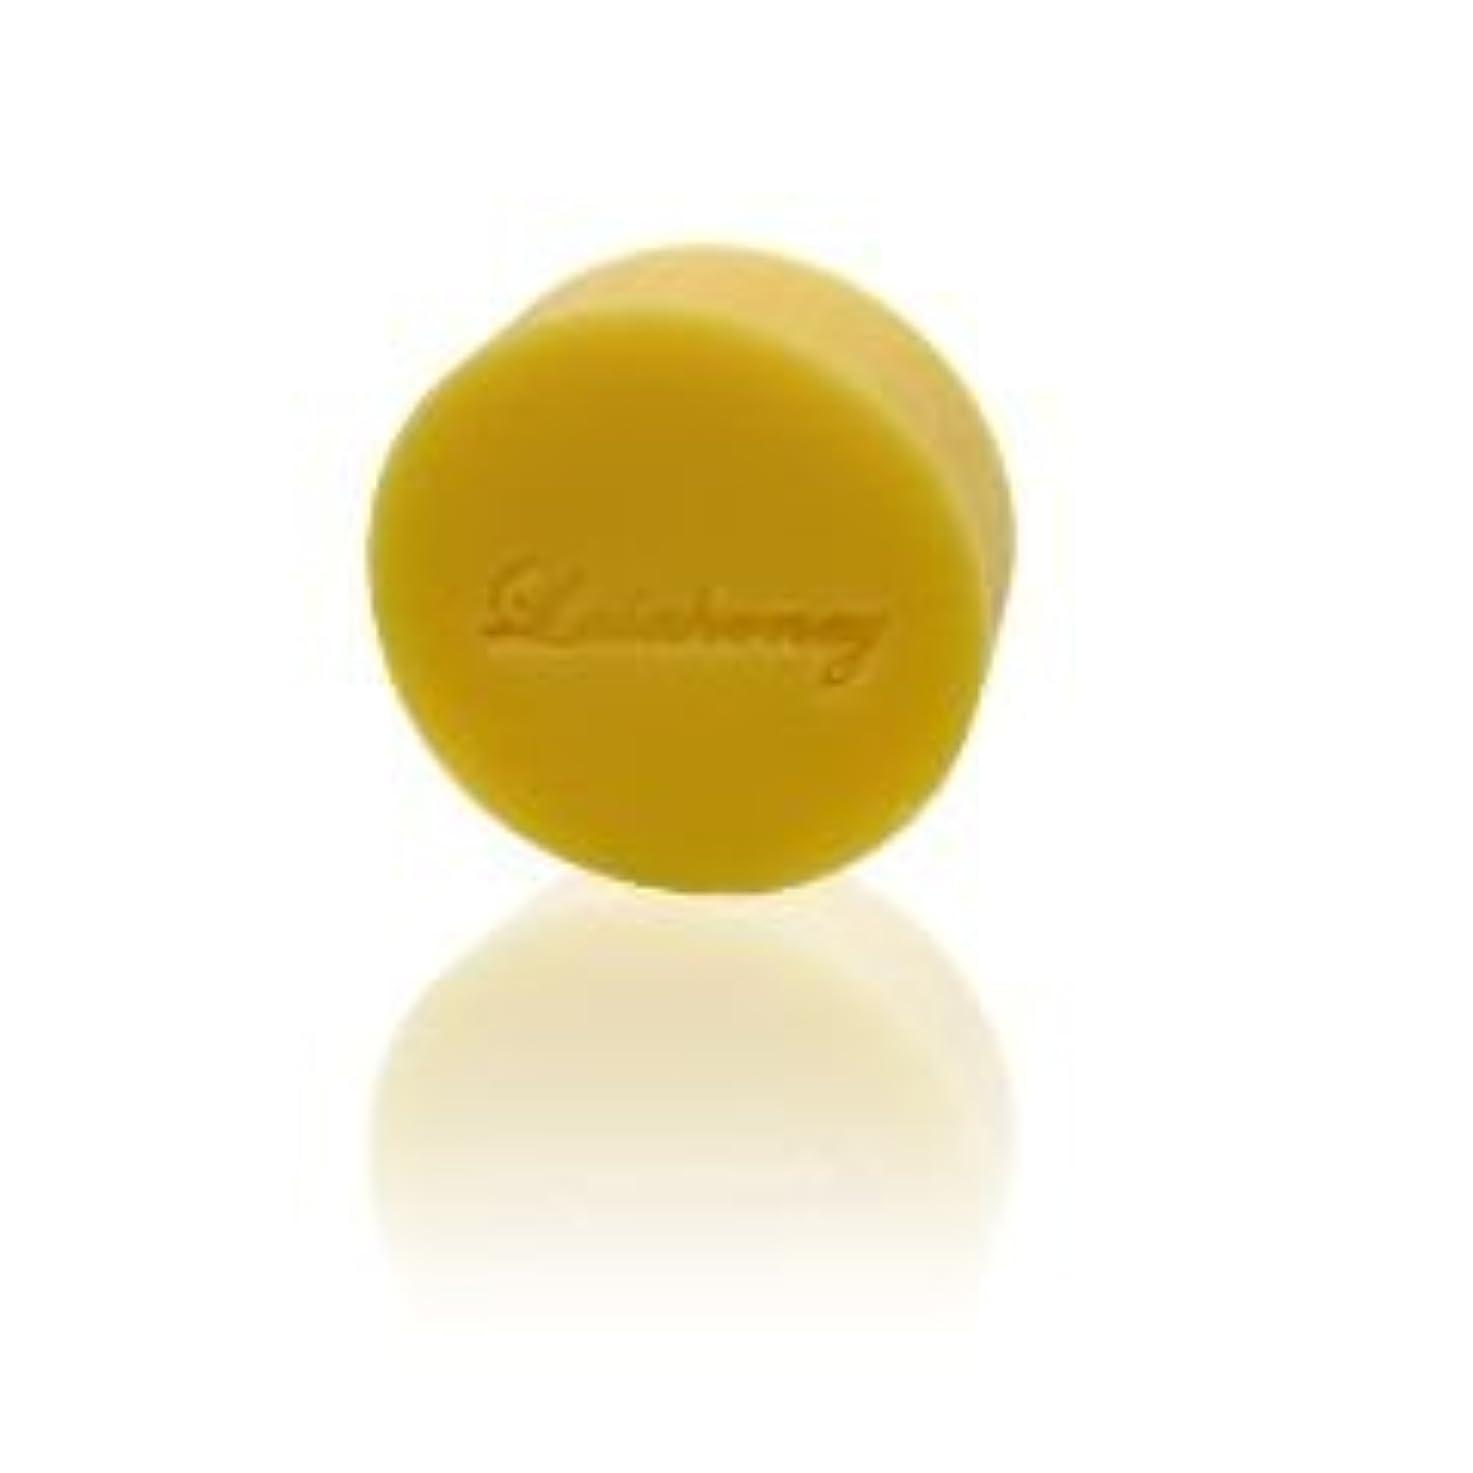 セージ断片地殻LALAHONEY 石鹸〈柚子の香り〉20g【手作りでシンプルなコールドプロセス製法】